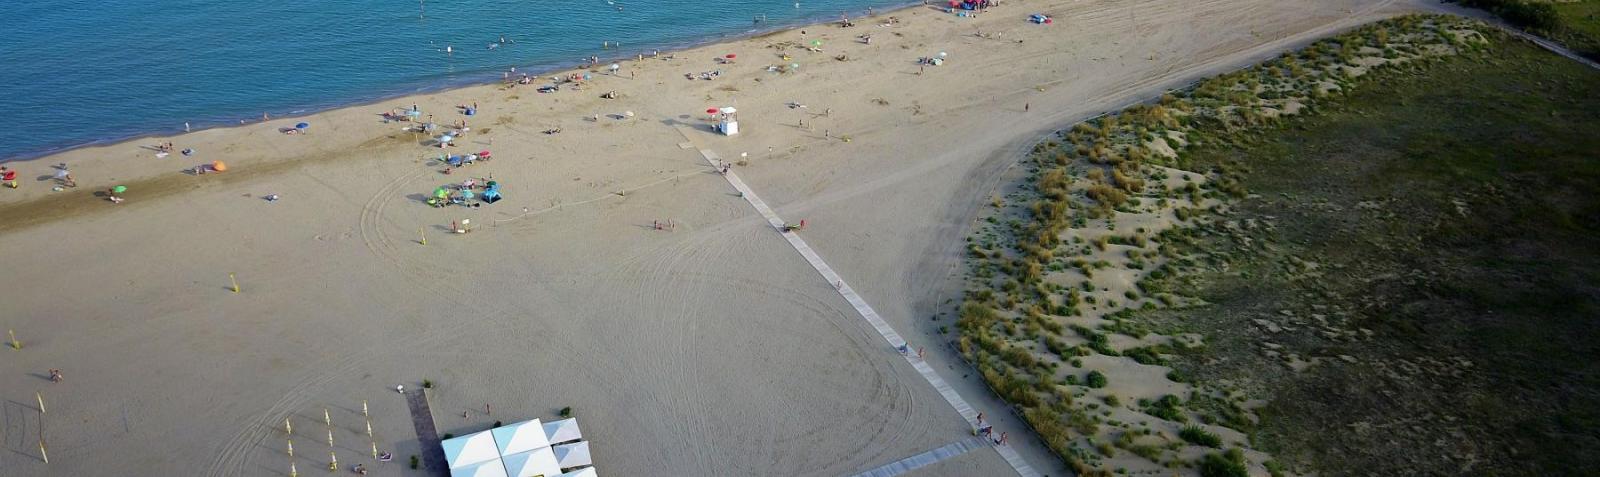 Chiosco Beach Point